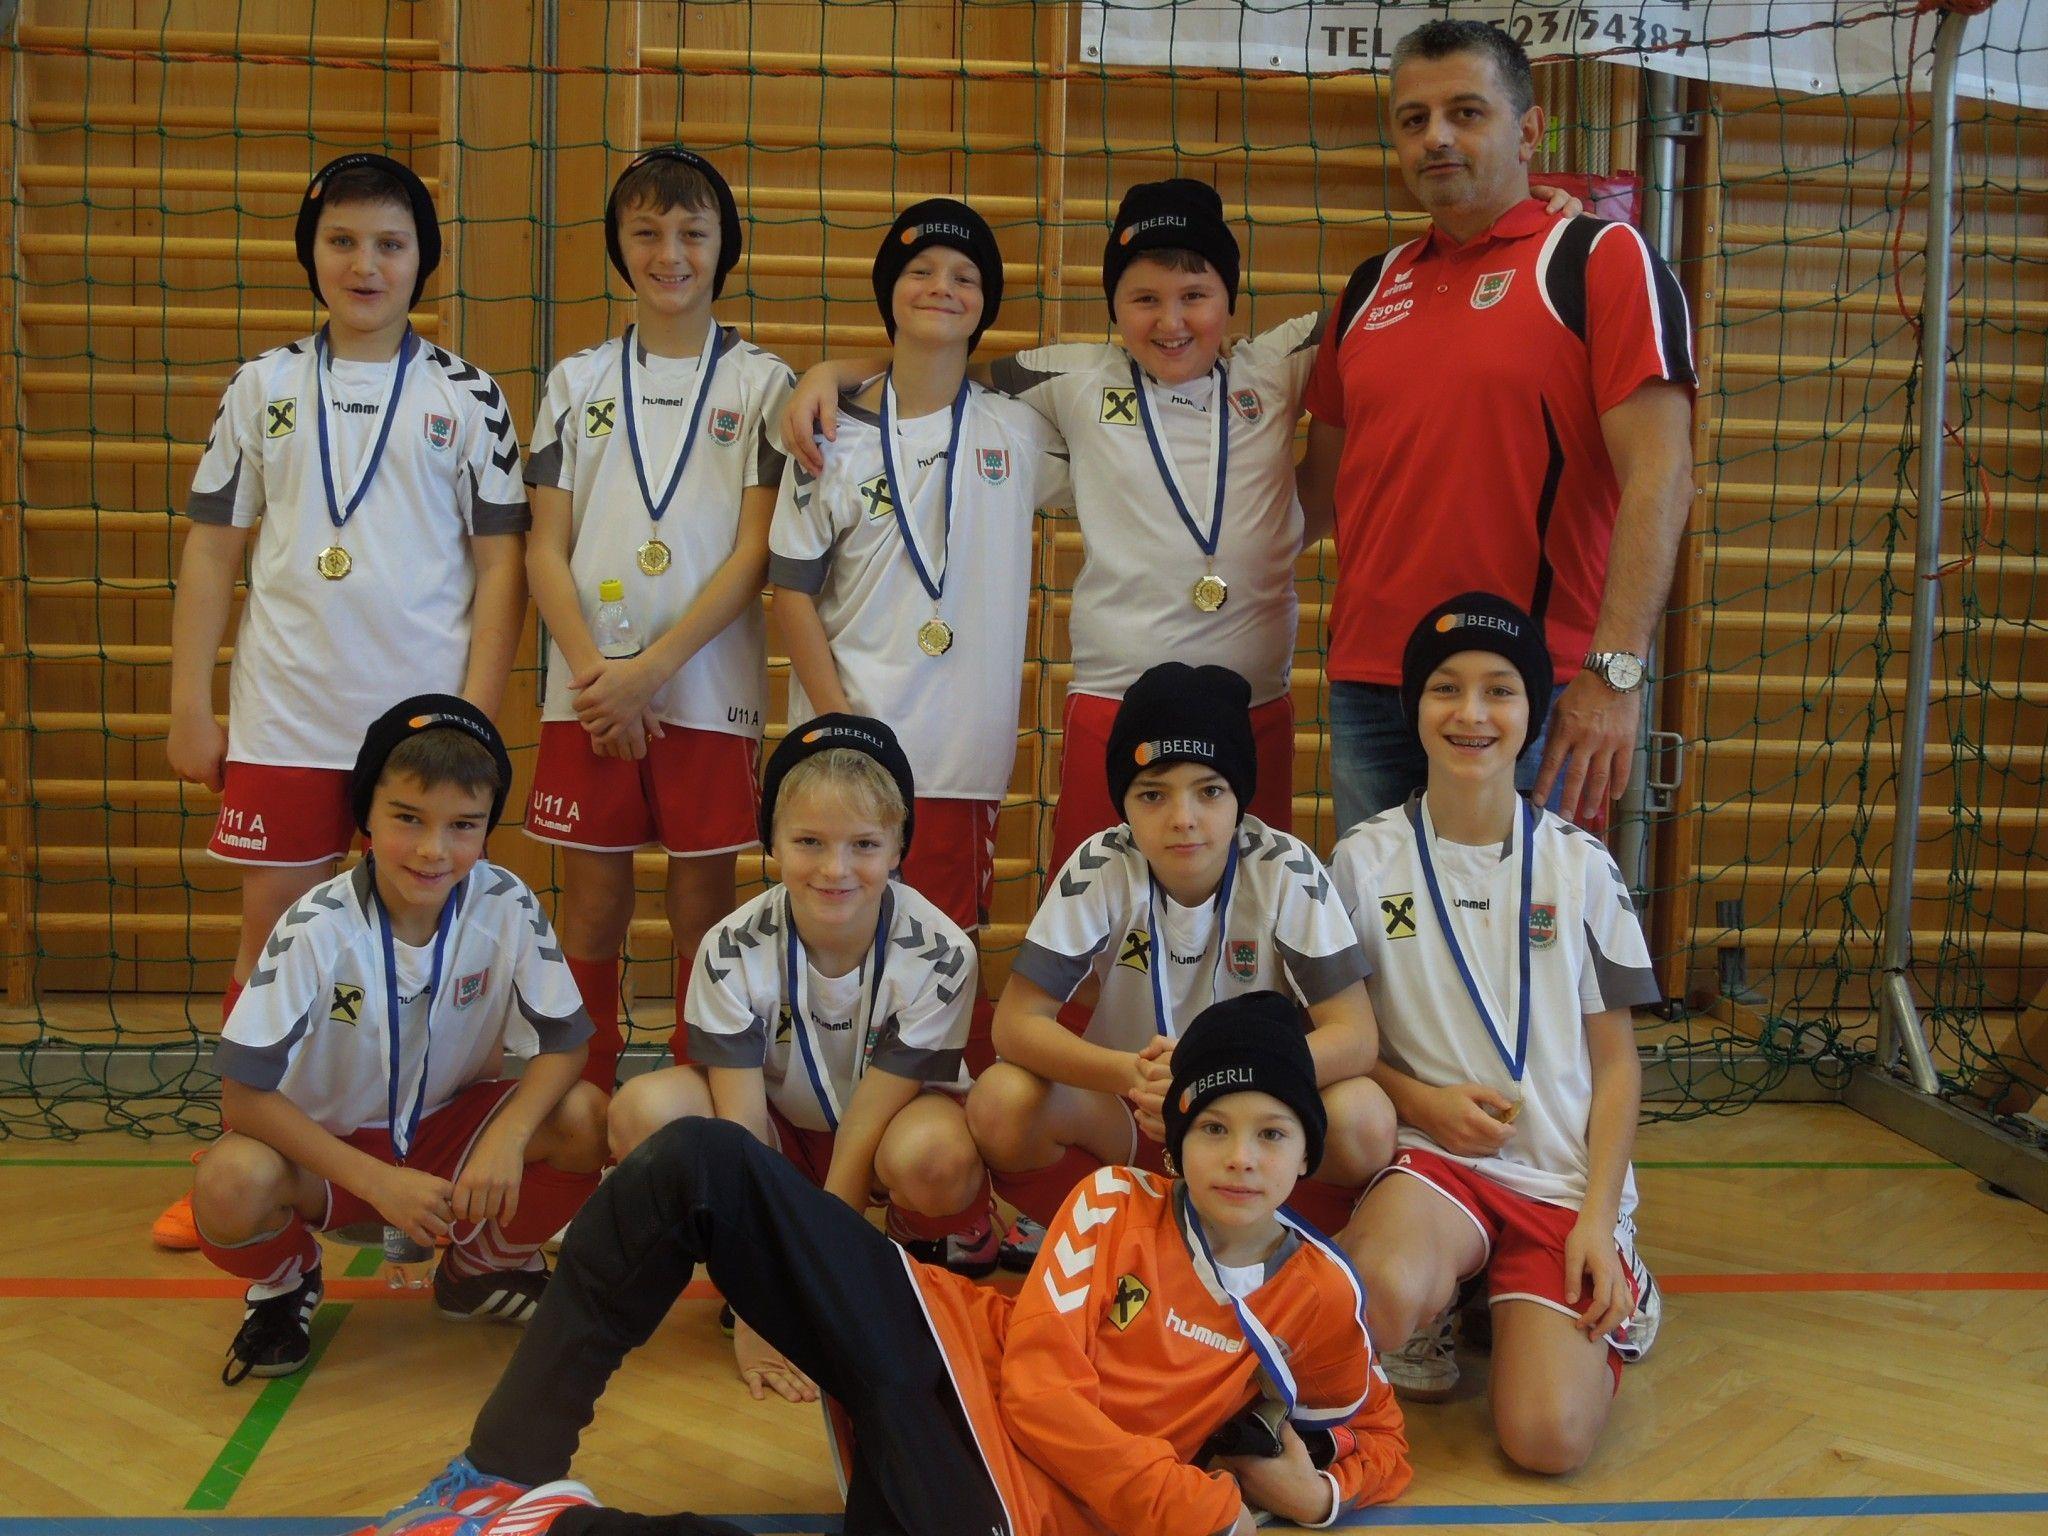 Das erste Hallenturnier in Koblach gewann die U11 Mannschaft des FC Dornbirn souverän.